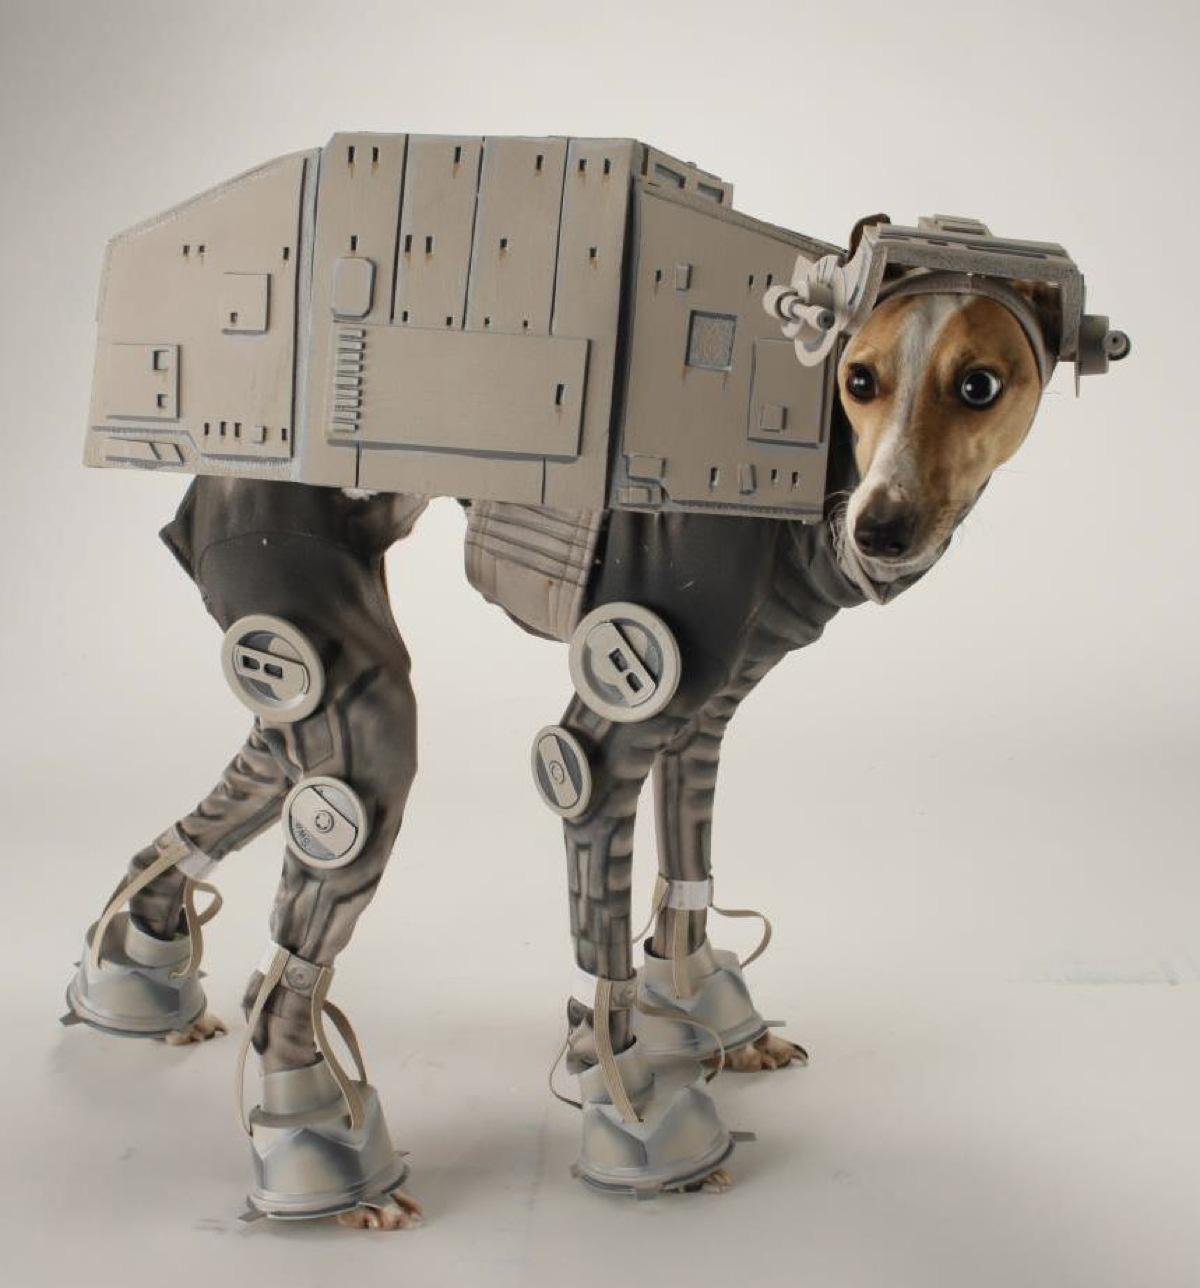 Top 10 Robot Costumes Electronichalloween Adafruit Industries